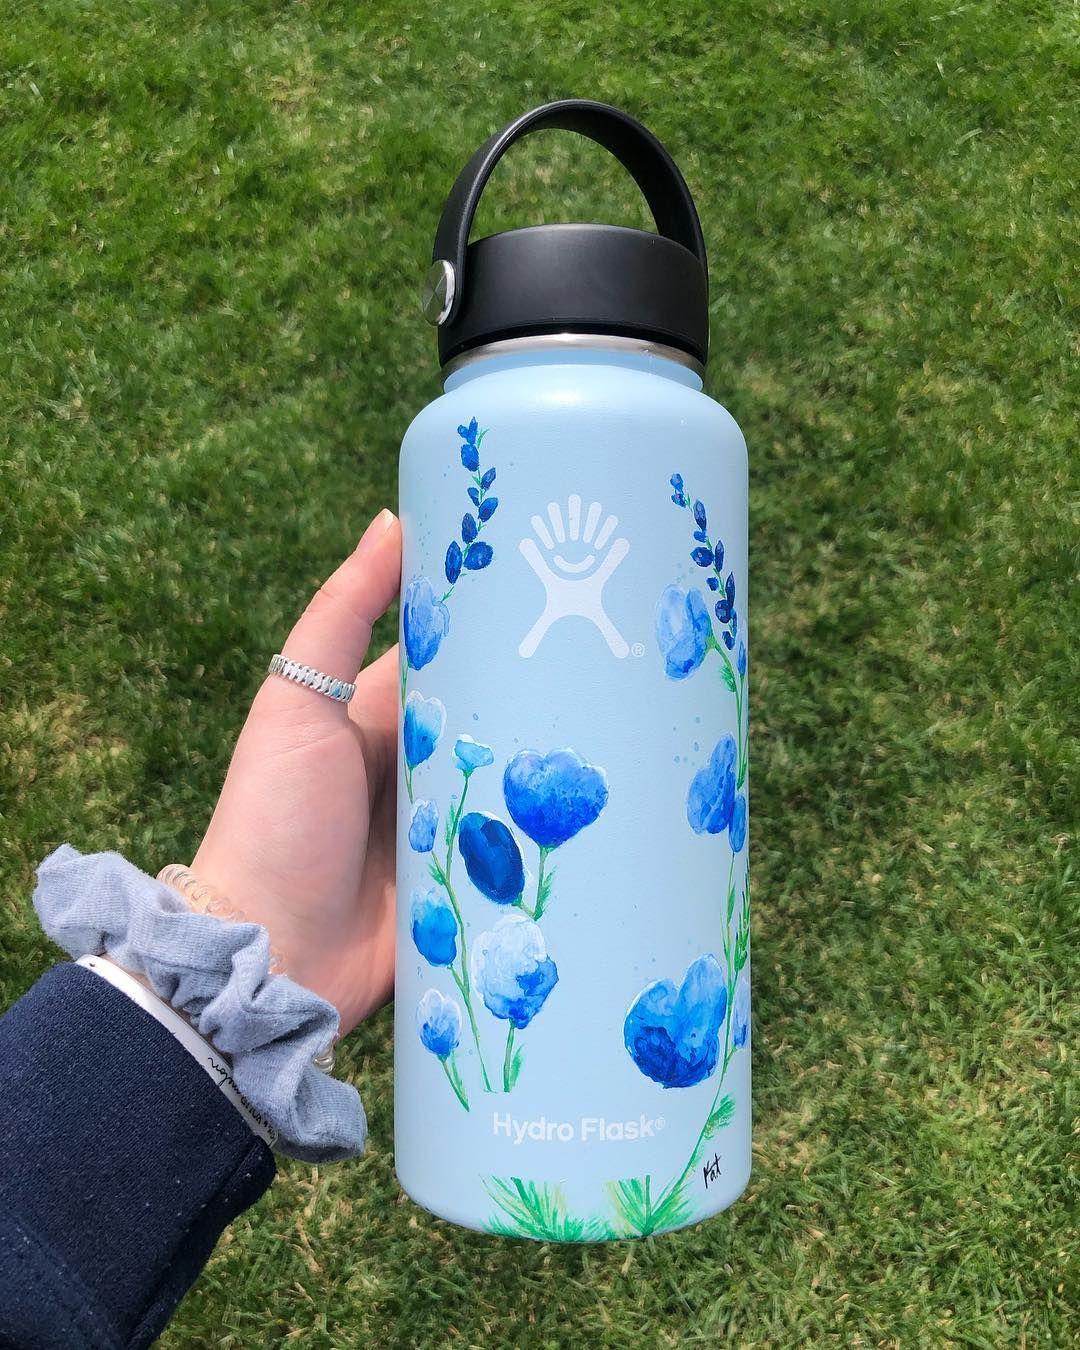 Pin By Fernanda Torres On Hydro Water Bottle Art Hydroflask Flask Art